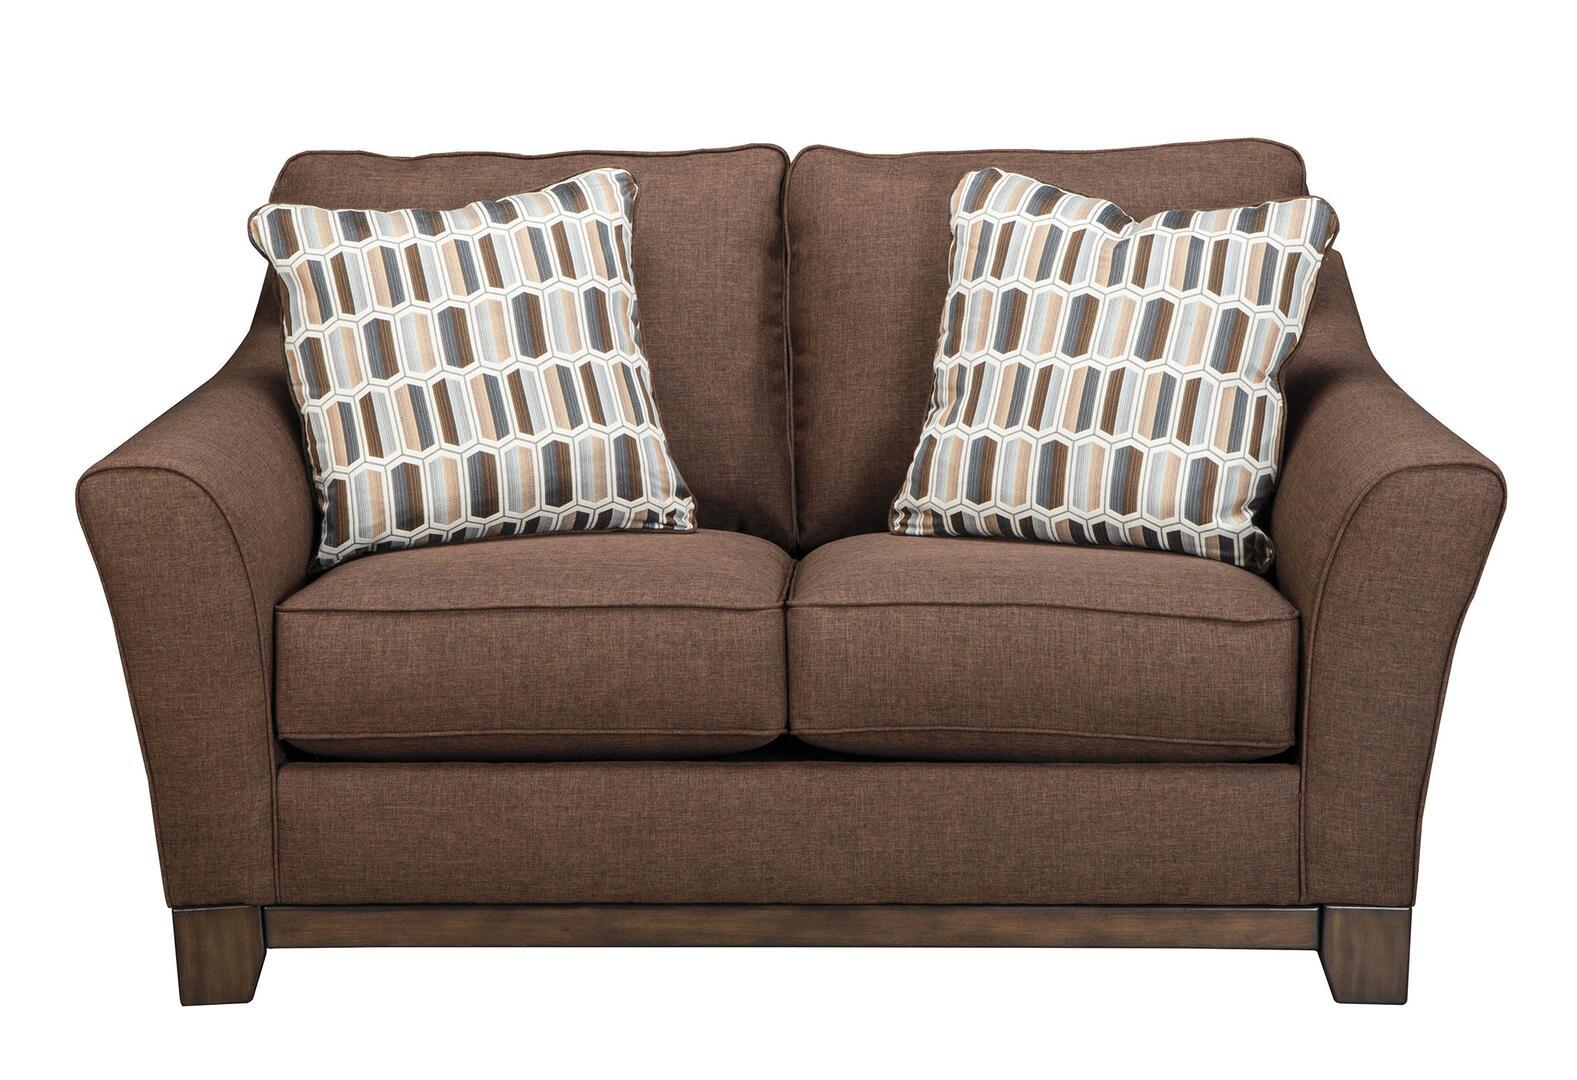 Benchcraft 4380638set3pc Janley Living Room Sets